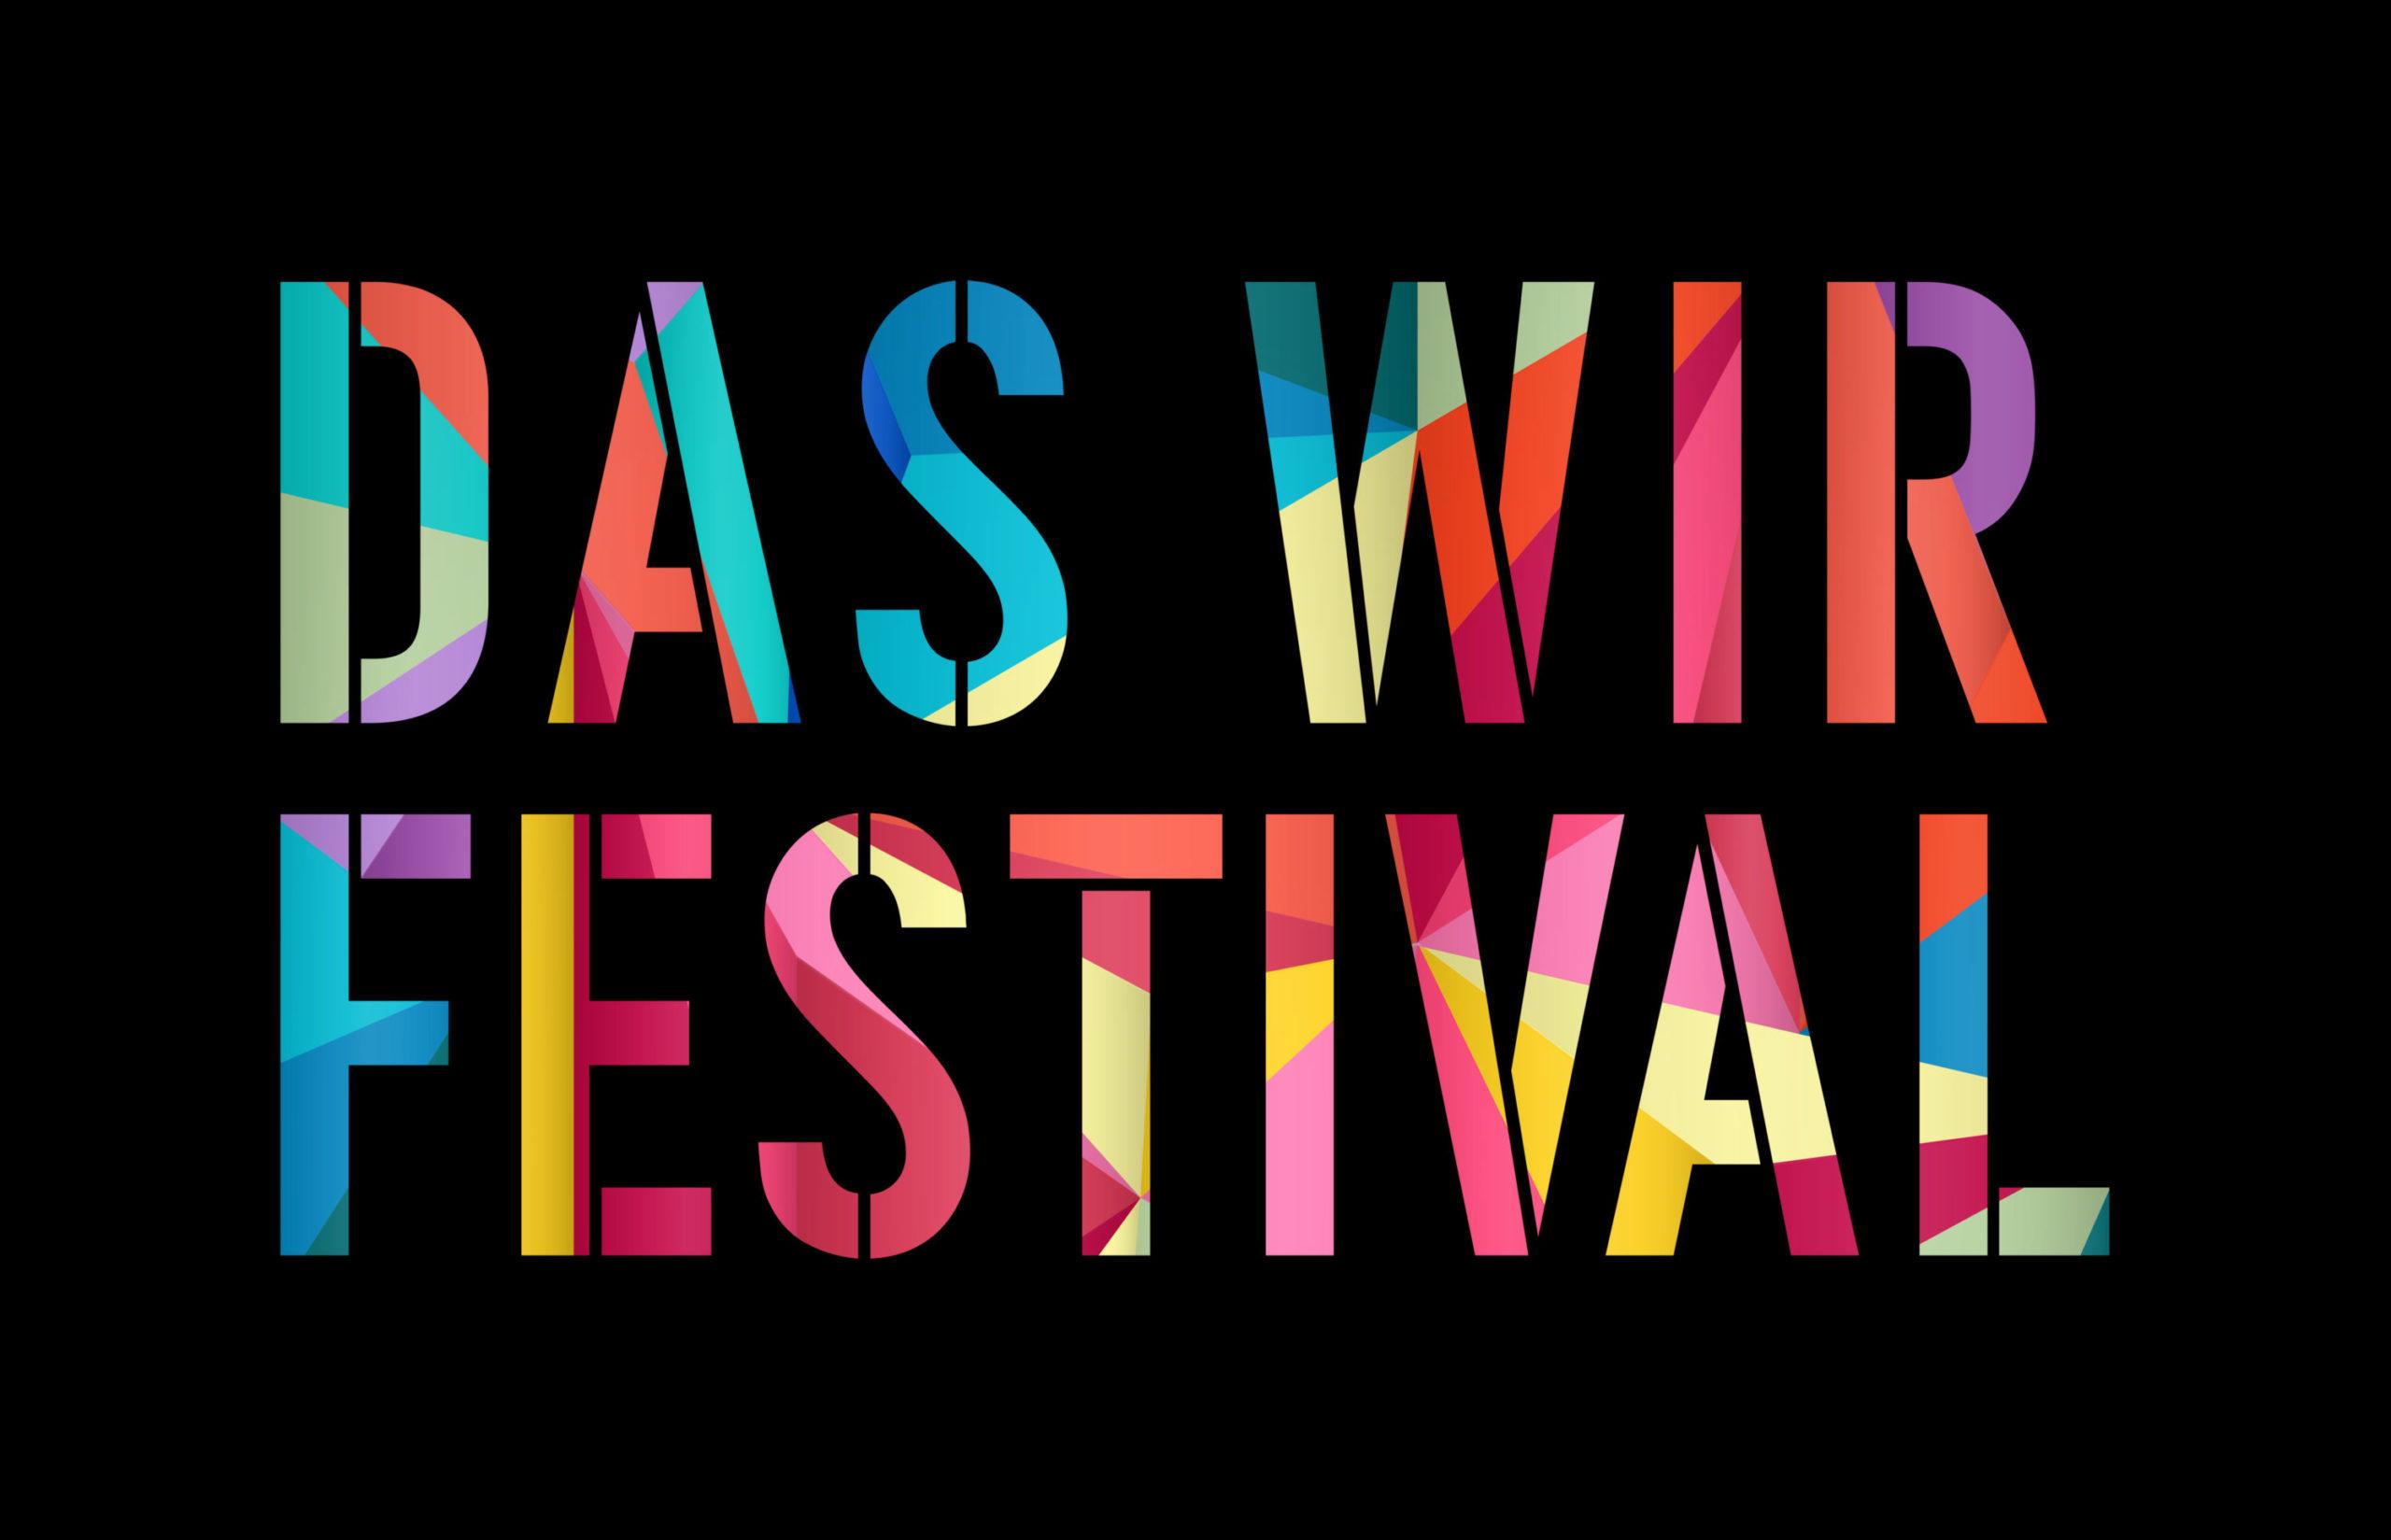 Daswirfestival